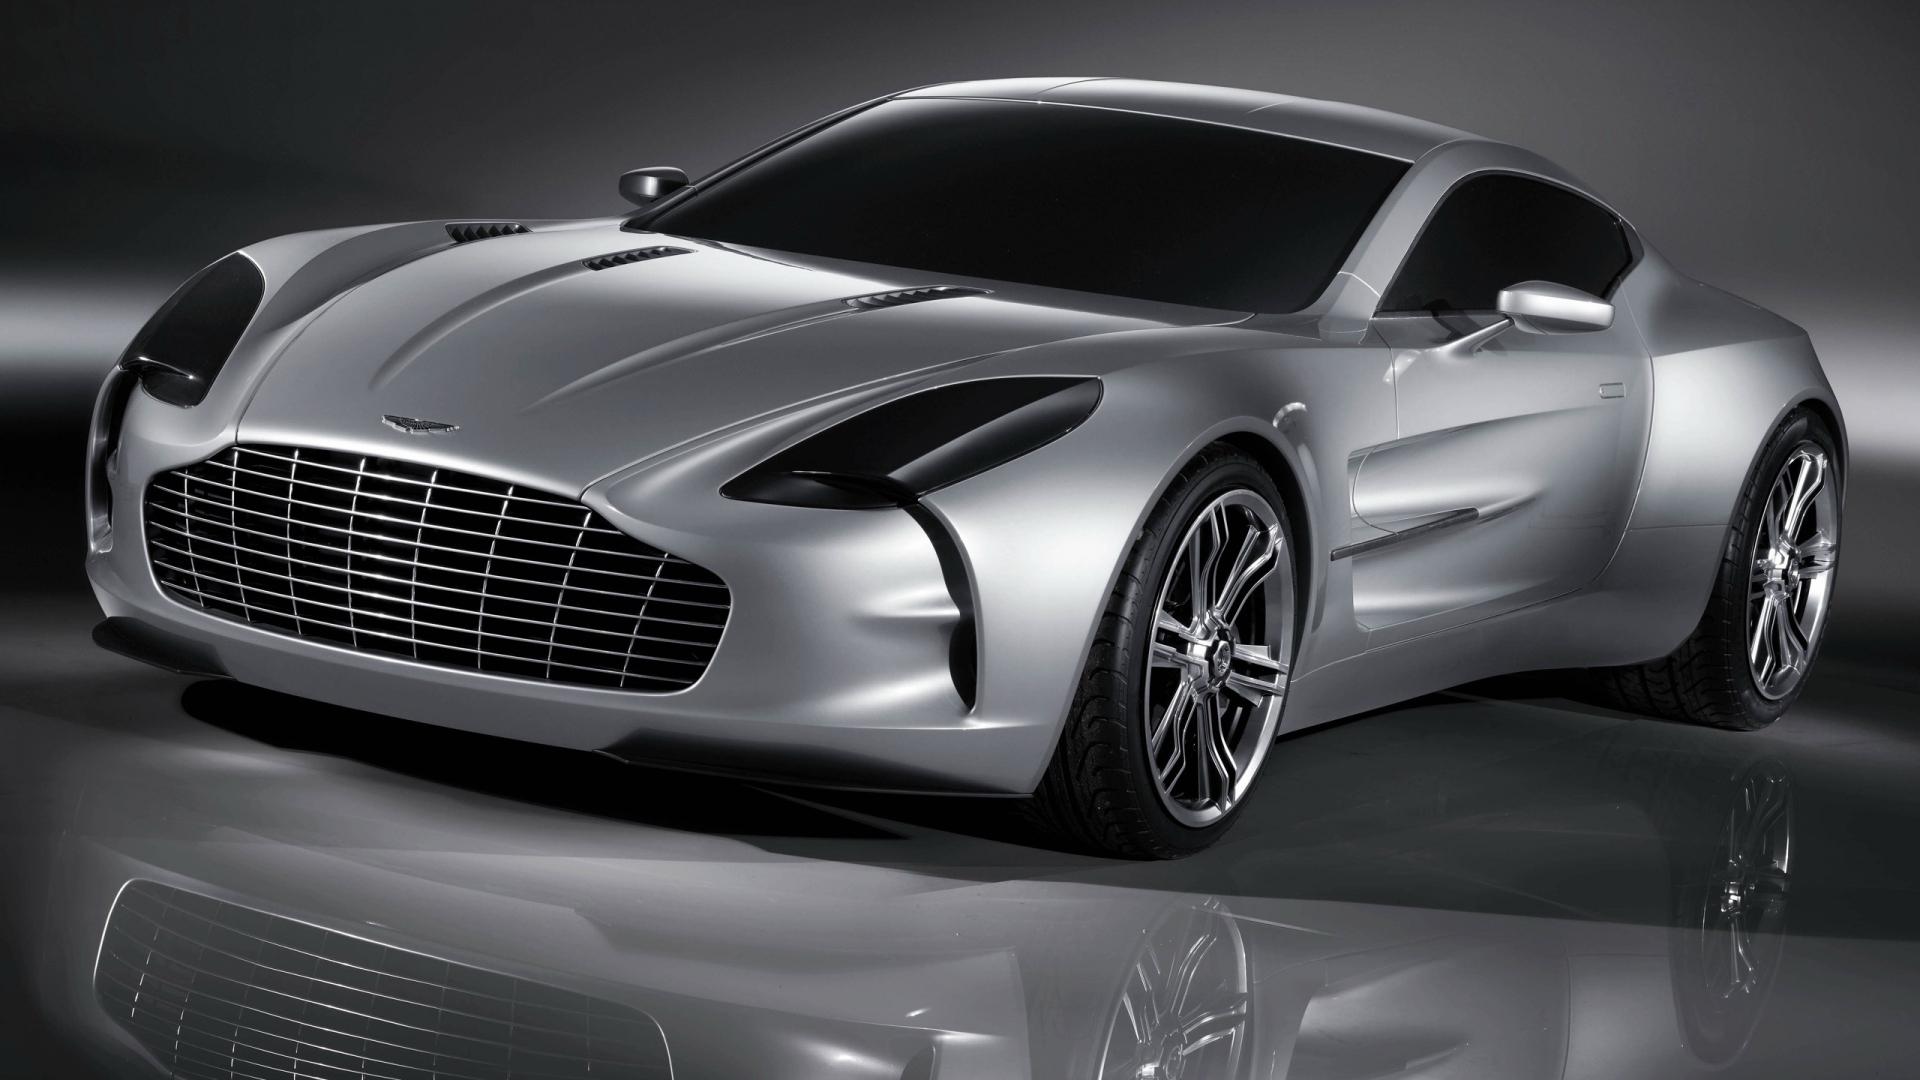 26962 скачать обои Транспорт, Машины, Астон Мартин (Aston Martin) - заставки и картинки бесплатно